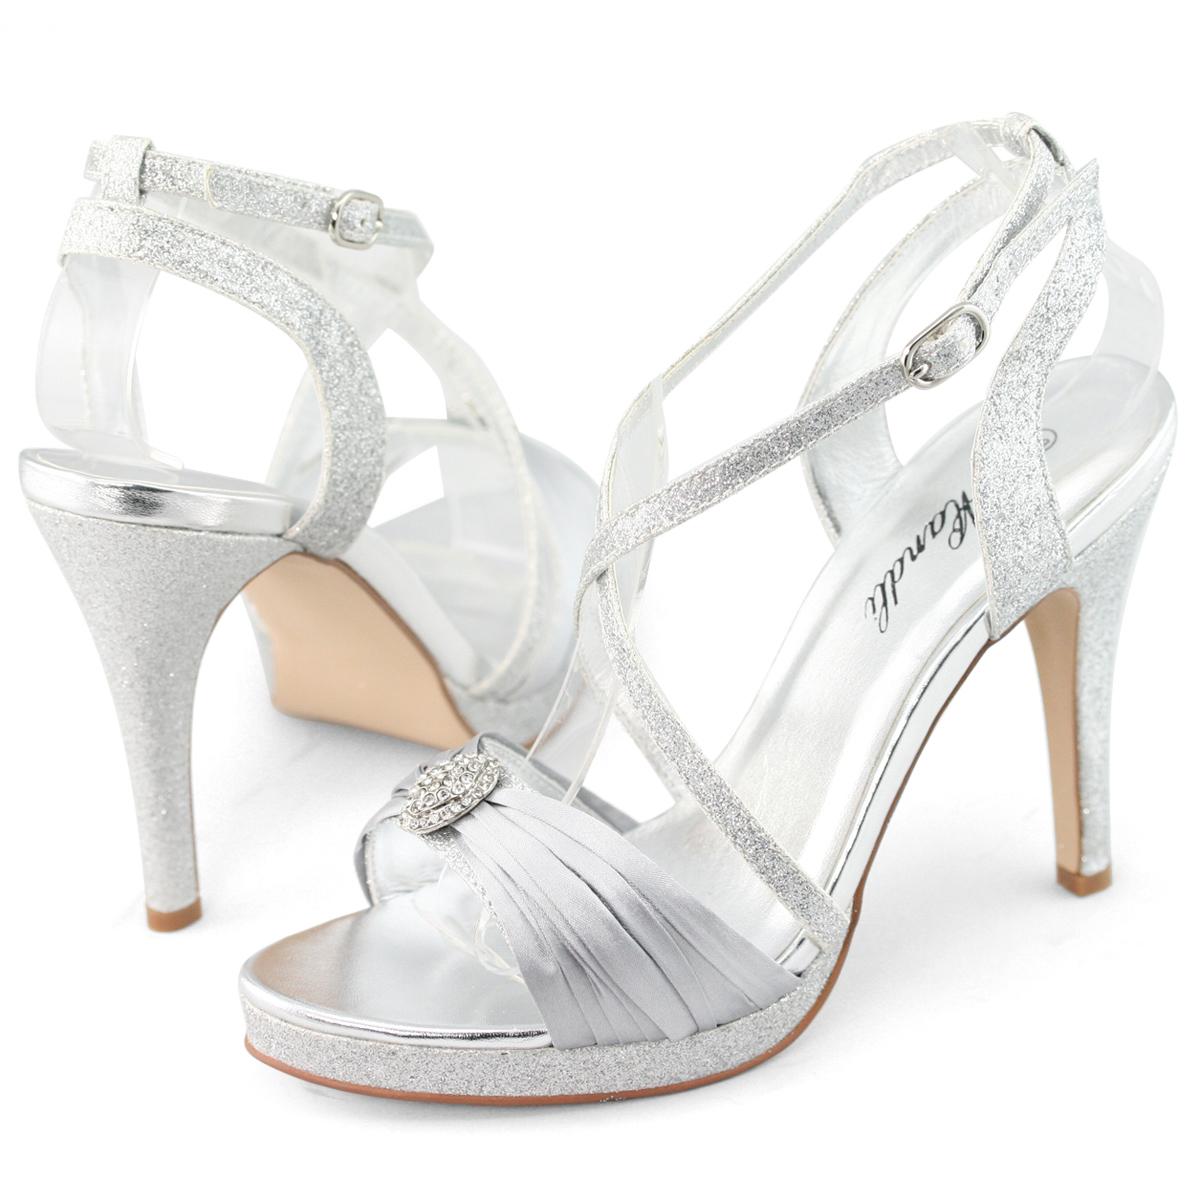 SHOEZY-Womens-Silver-Diamante-Platform-Pumps-Evening-Prom ...